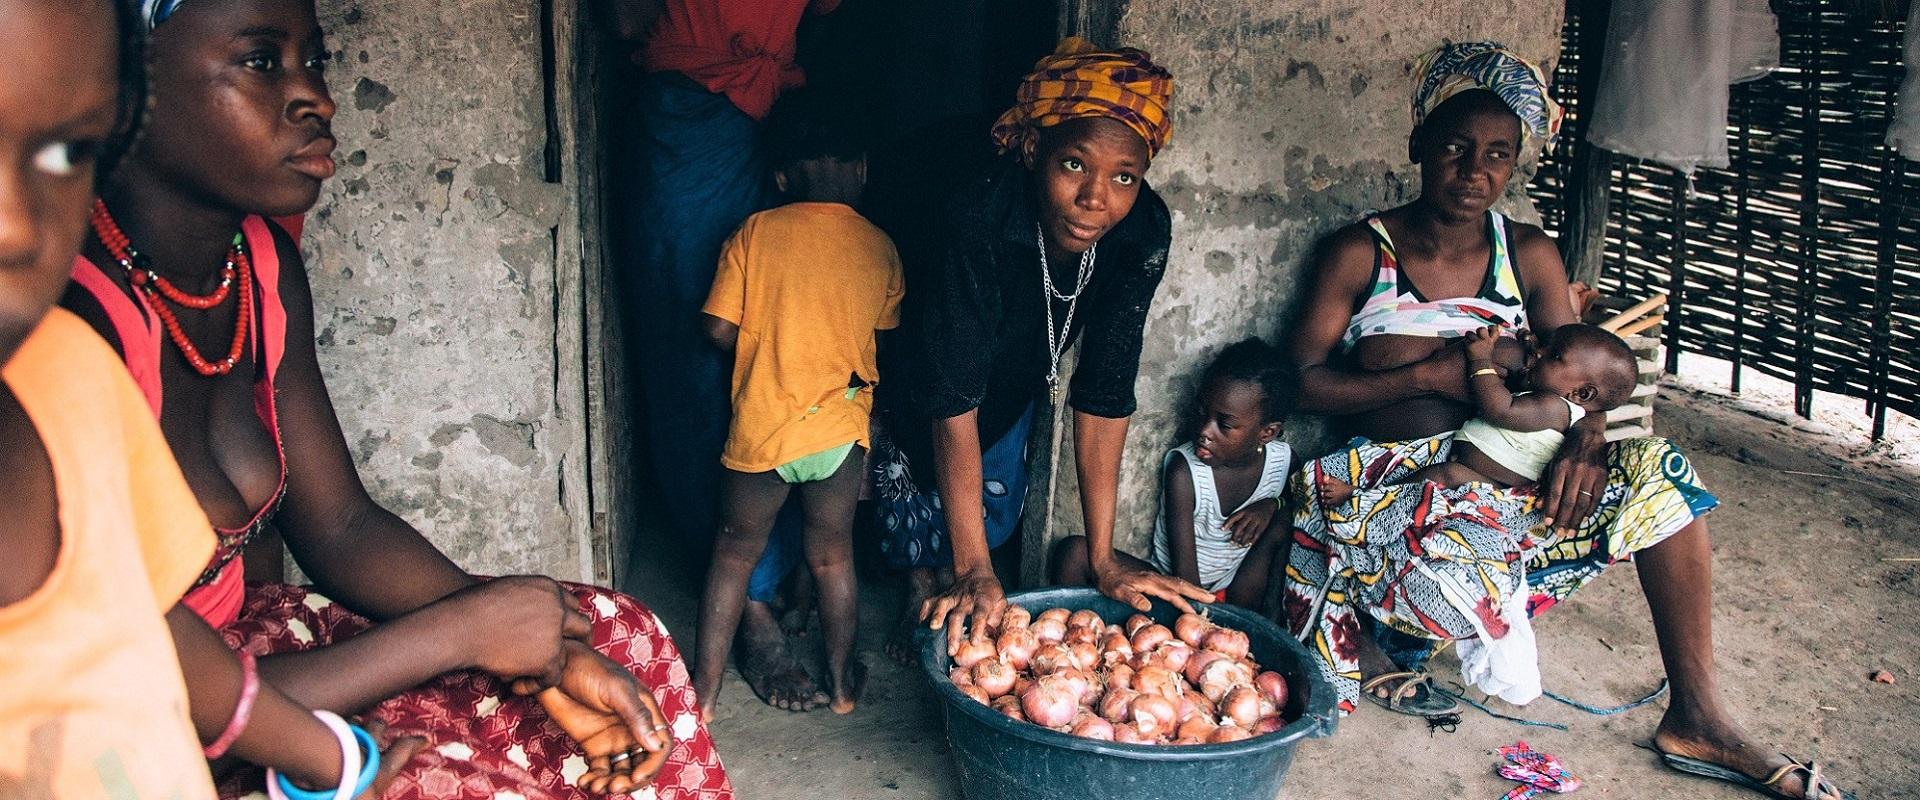 miglioramento delle condizioni nutrizionali di donne e bambini_mani tese 2020